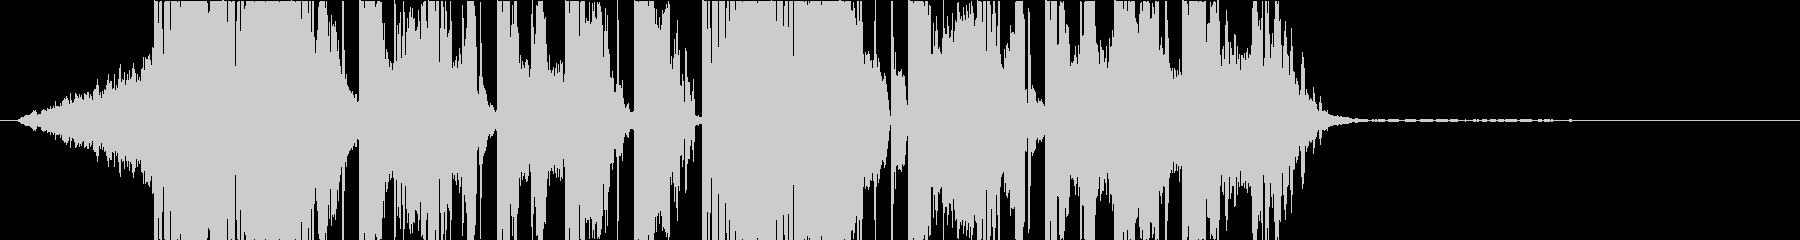 DUBSTEP クール ジングル143の未再生の波形